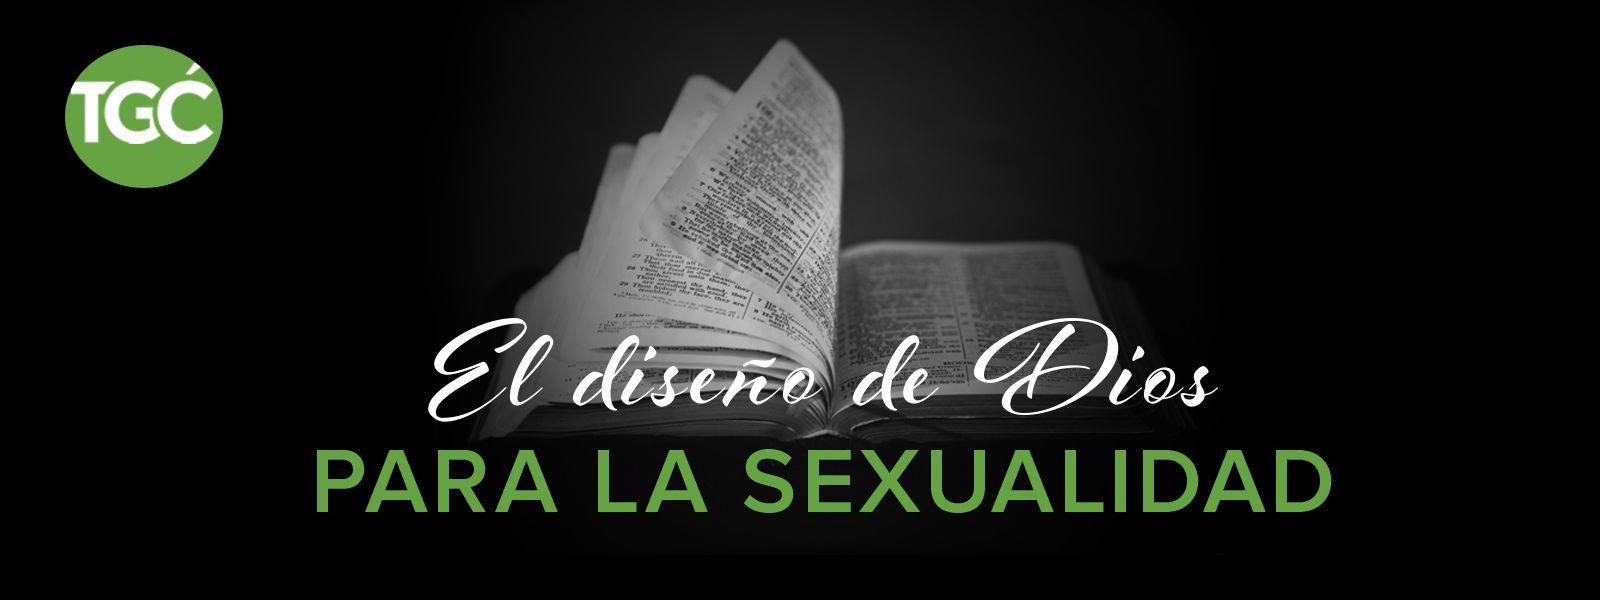 El diseño de Dios para la sexualidad